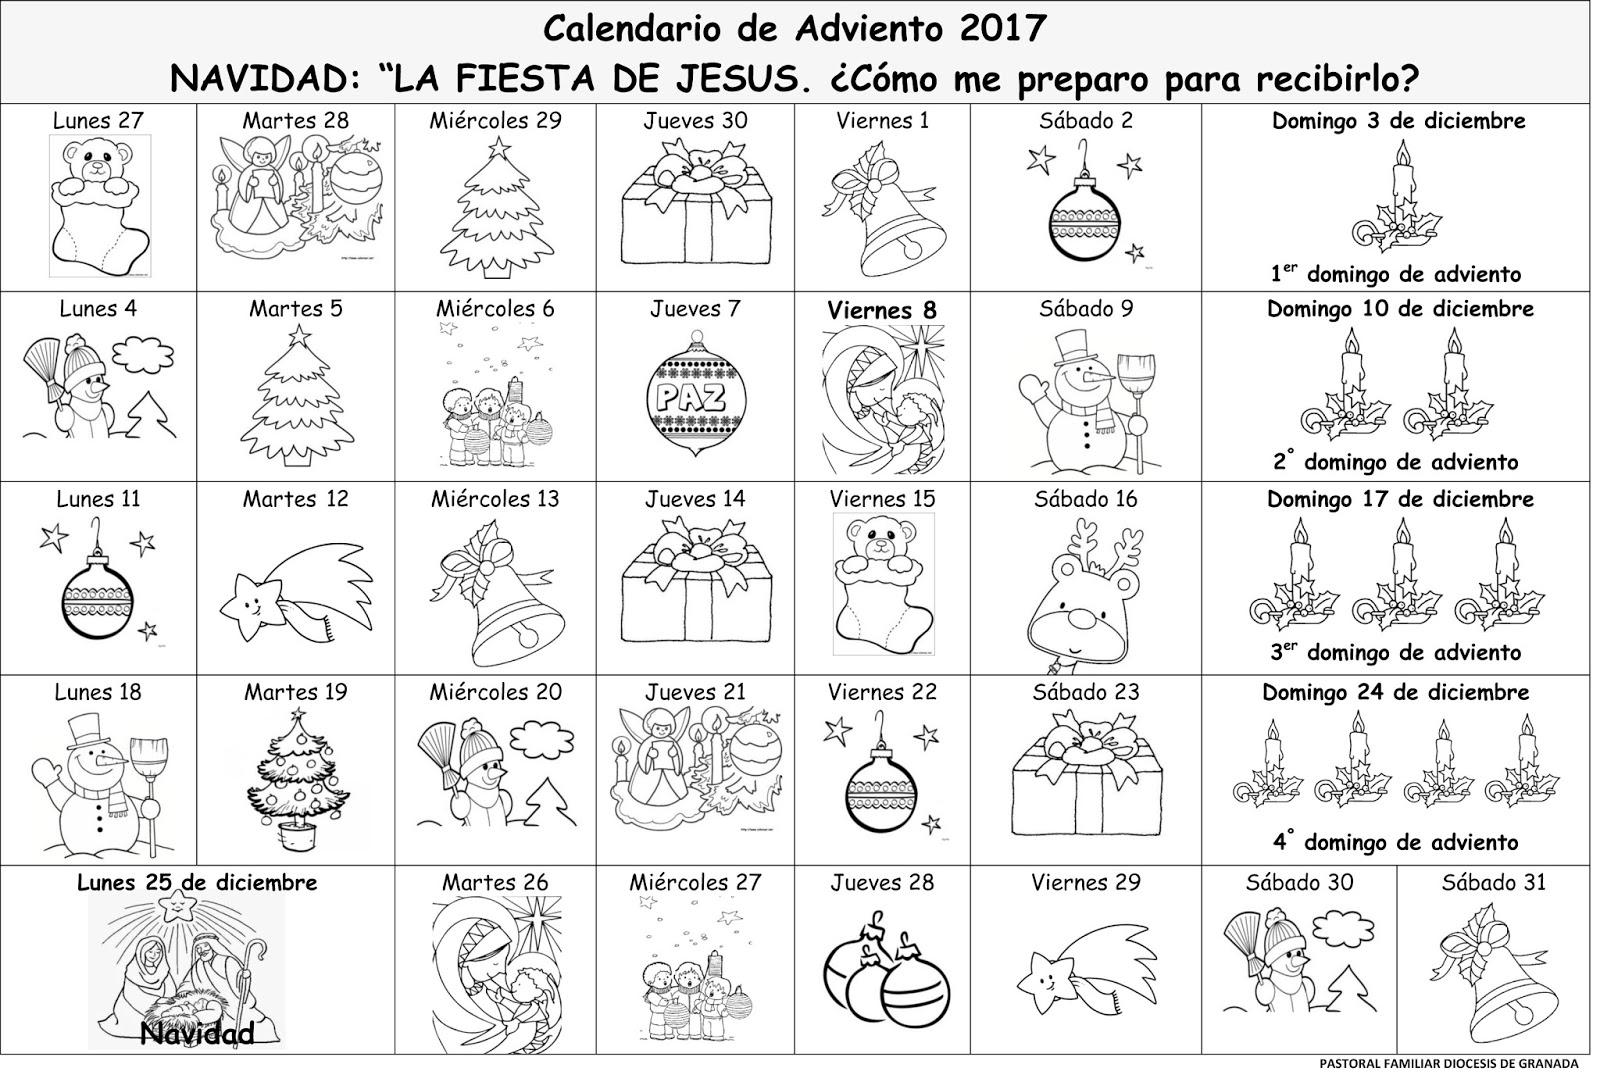 PASTORAL FAMILIAR ARCHIDIOCESIS DE GRANADA: CALENDARIOS DE ADVIENTO ...